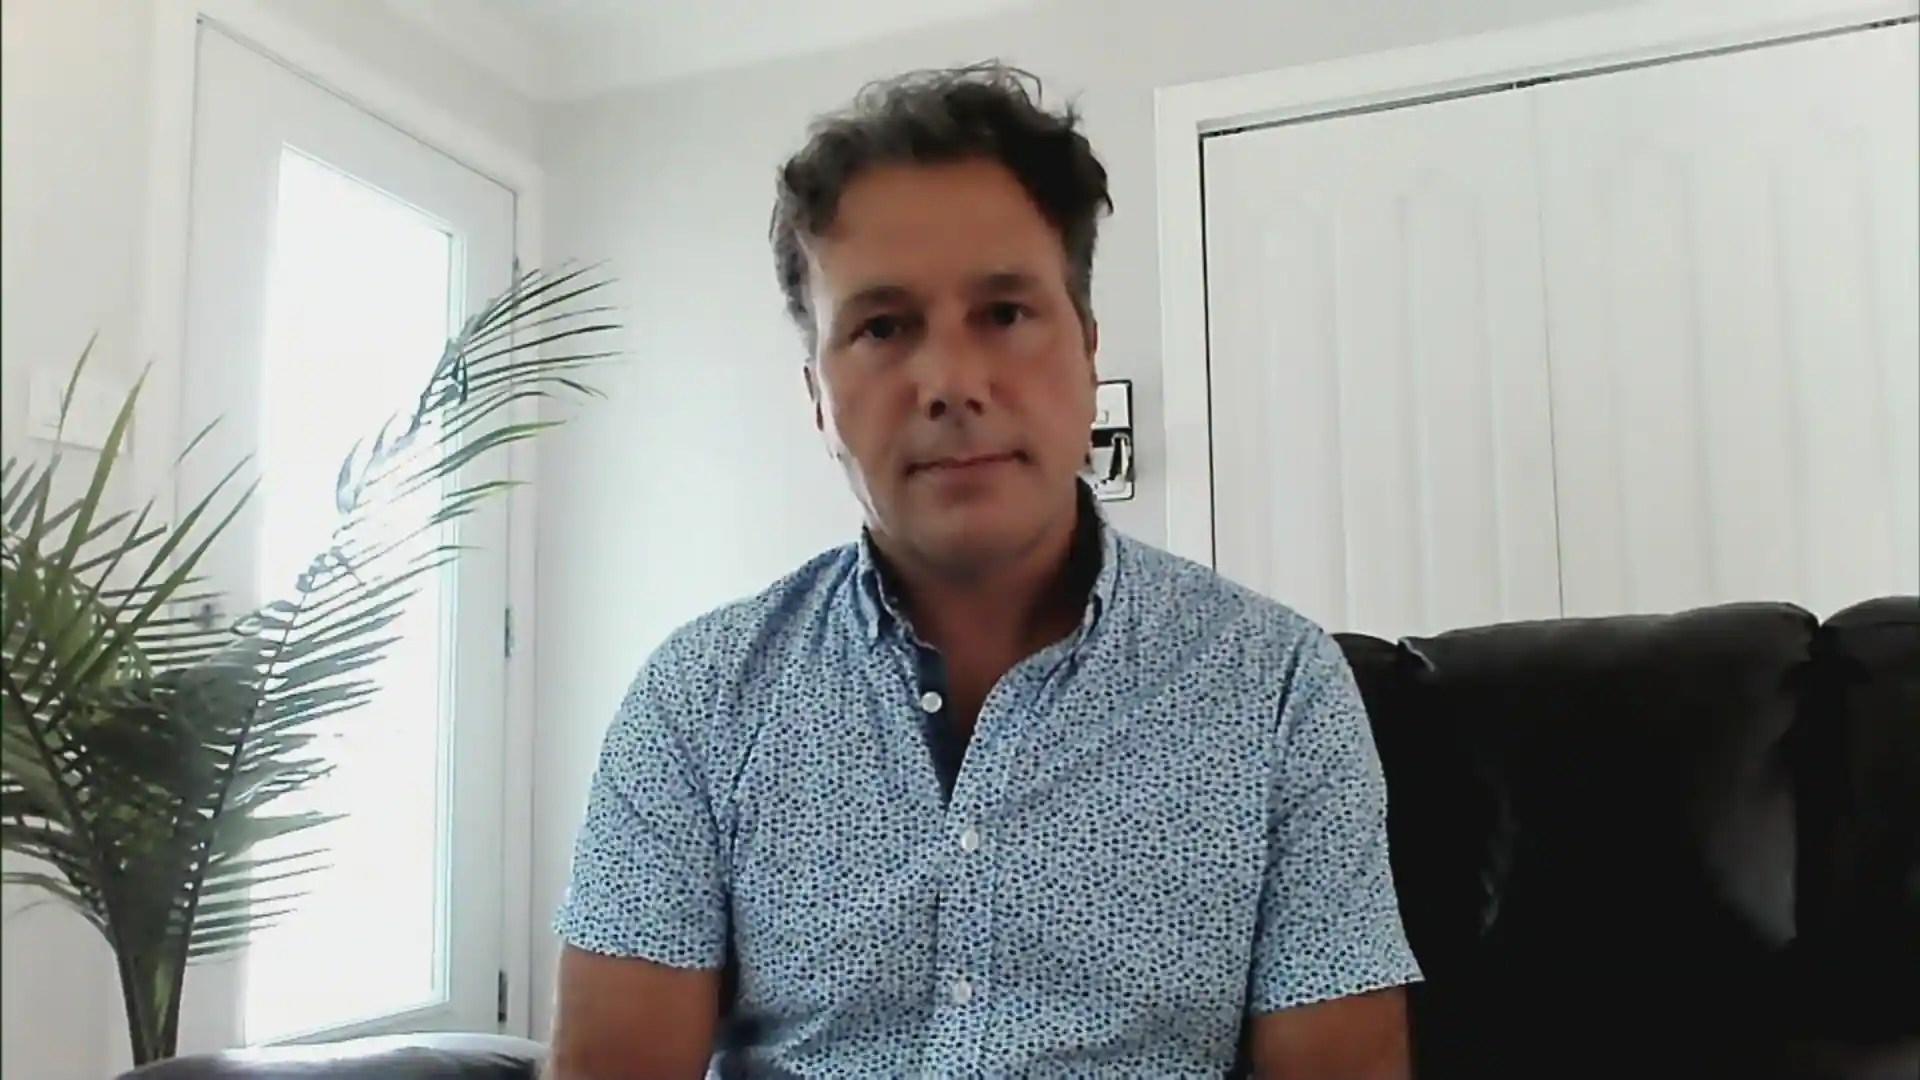 Mort d'un patient en CHSLD: son fils dénonce des «tentatives de camouflage»